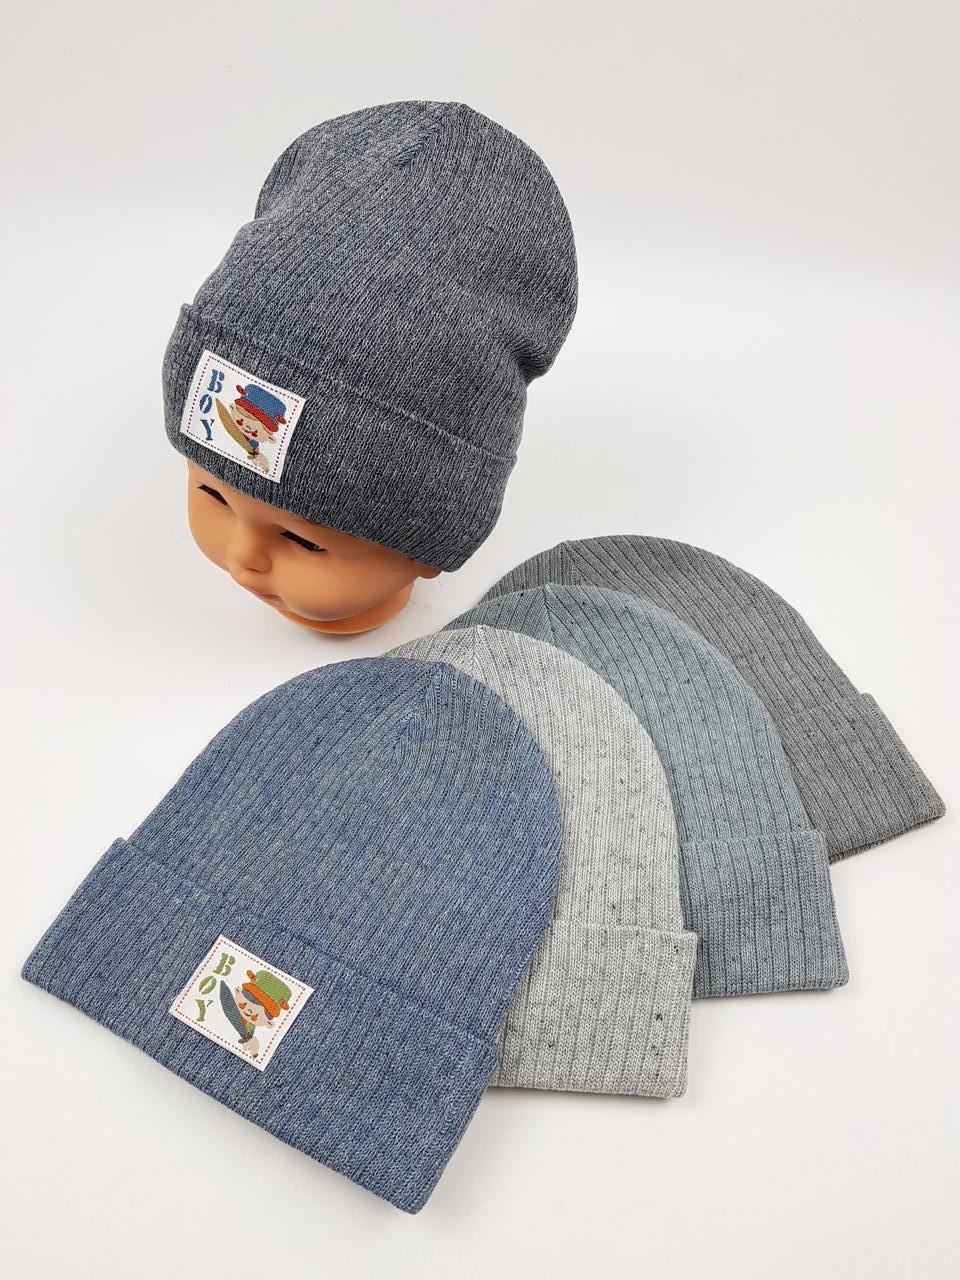 Детские польские демисезонные вязаные двухслойные шапки оптом для мальчиков, р.46-48, ANPA